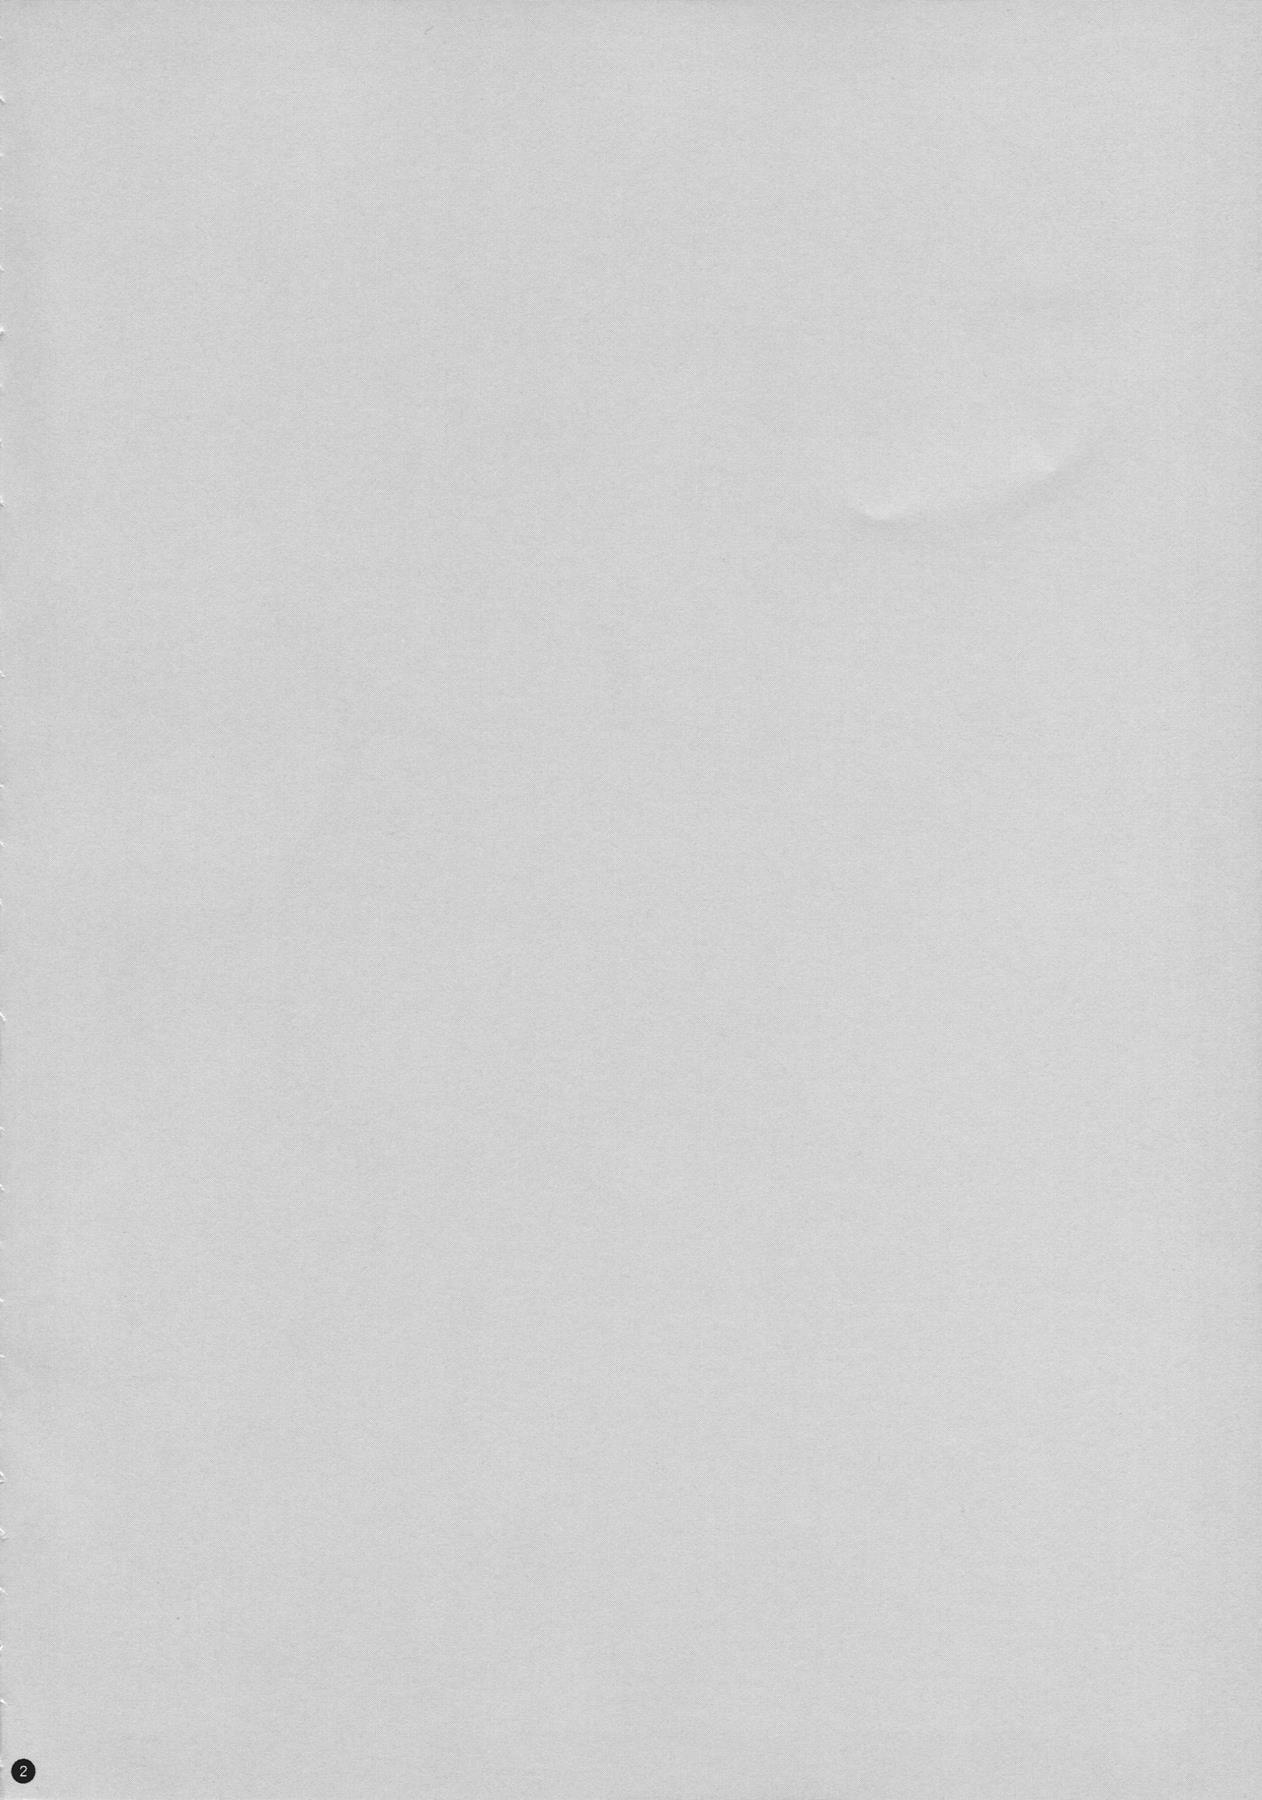 【ガンダムビルドファイターズトライエロ同人誌】フミナが休日の部室にセカイ呼び出して精子搾り取ってるんだけどwww【ホシノ・フミナ】